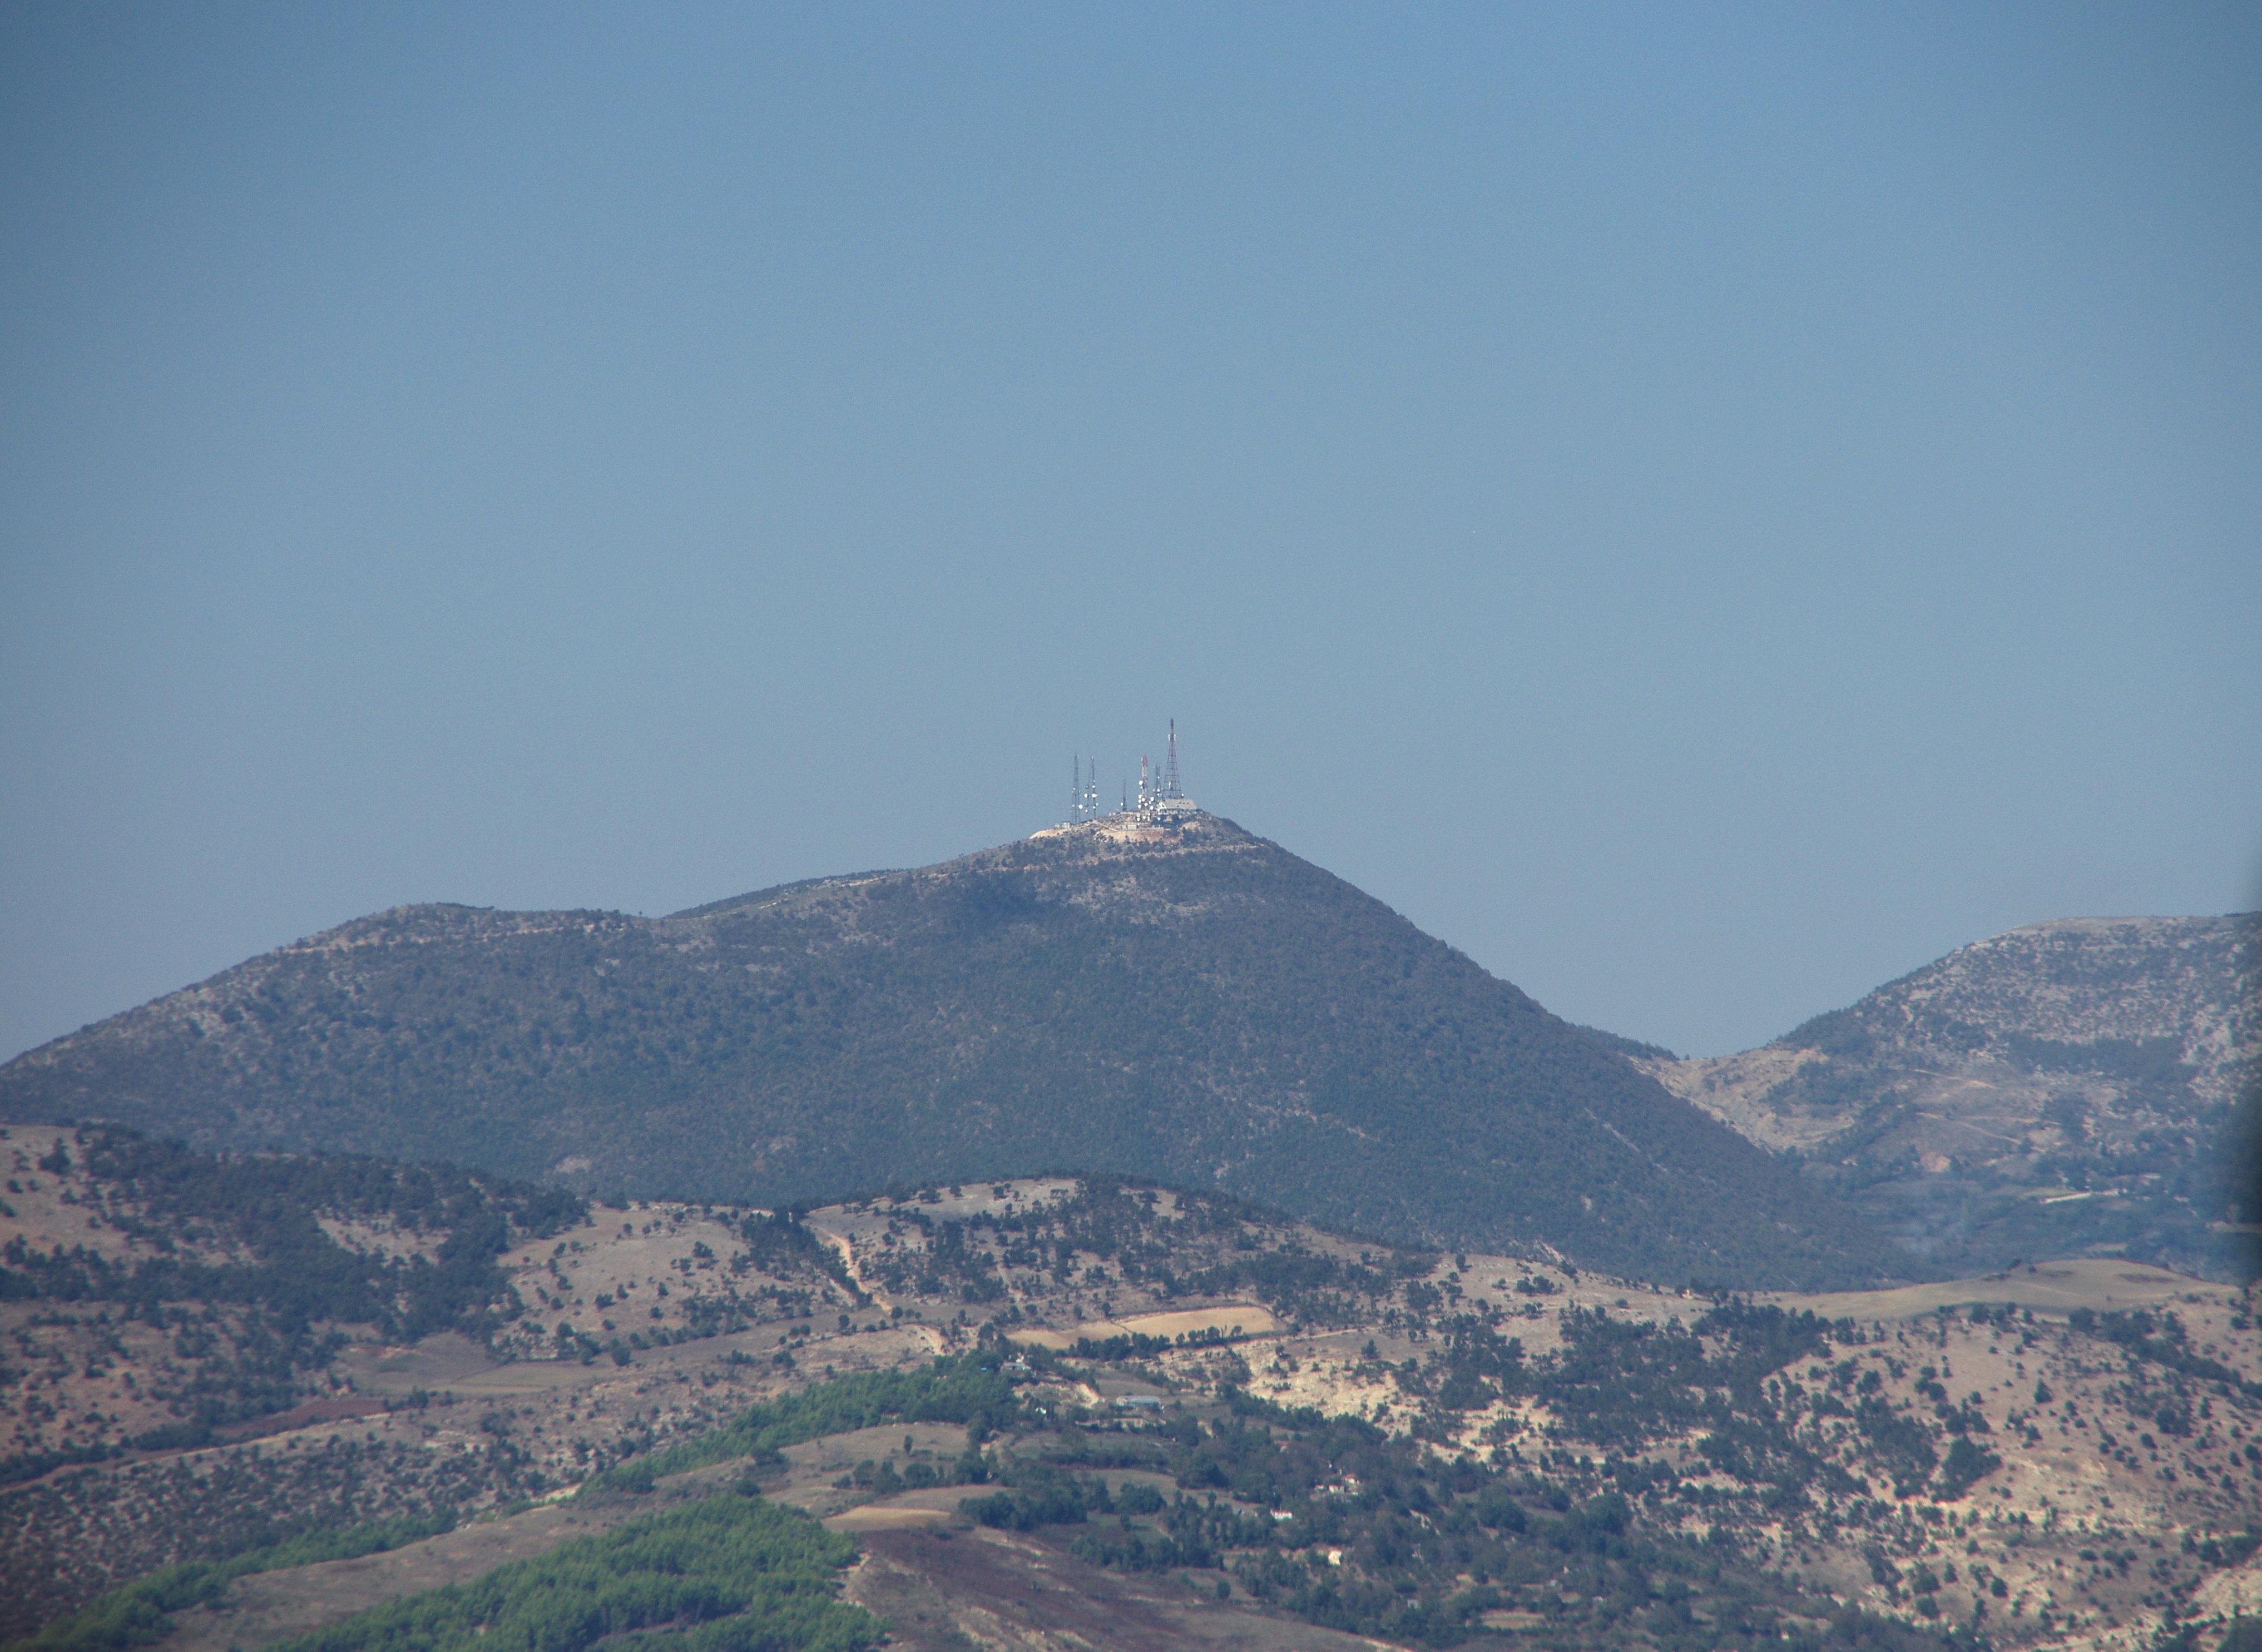 υψωμα Μοναστερο απο οπου παρακουλουθουσε την επιθεση ο Μουσολινι